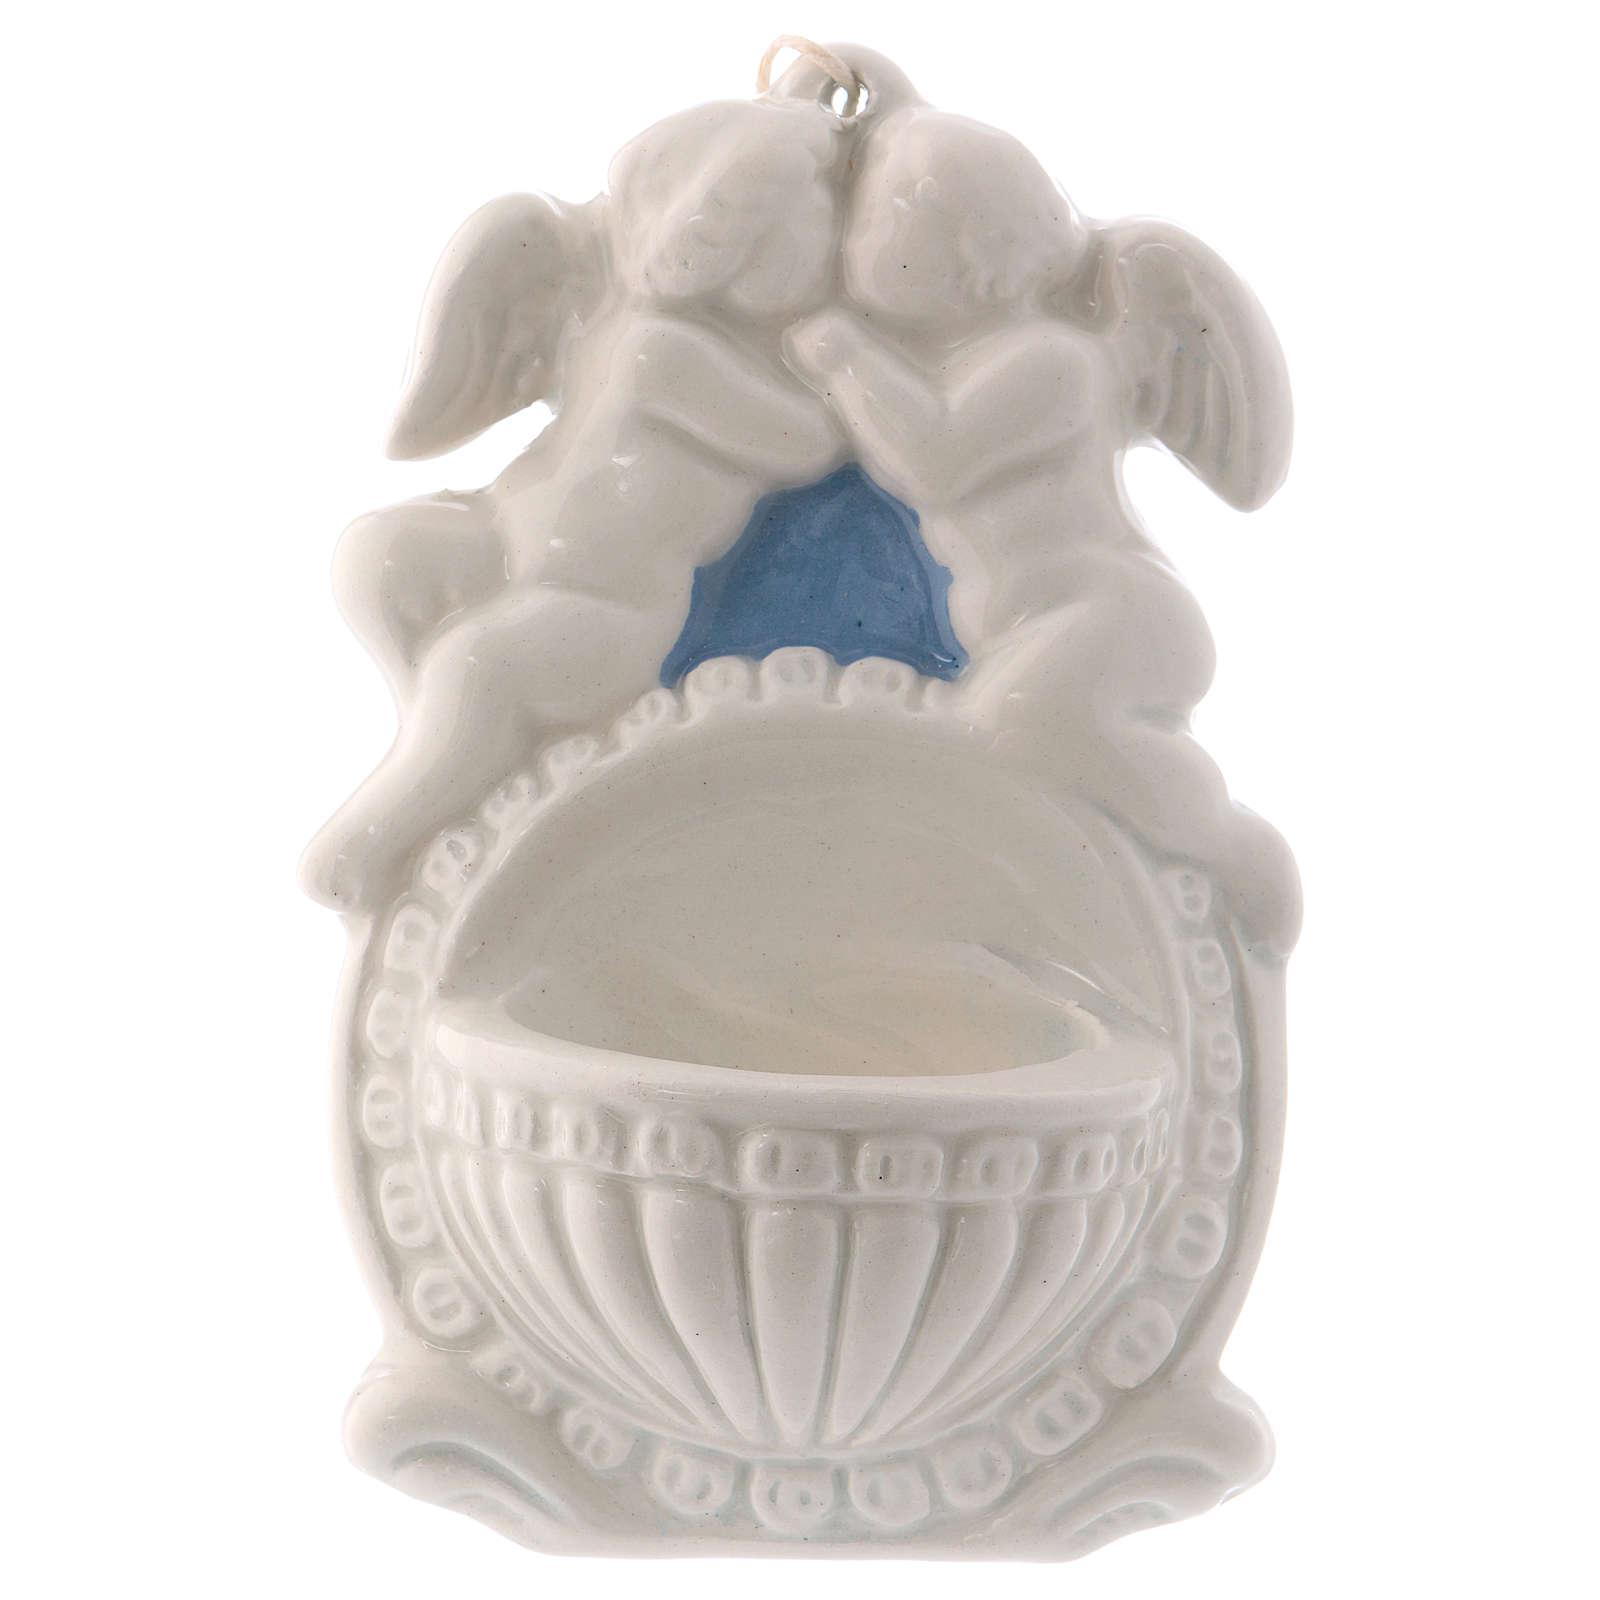 Bénitier deux anges fond bleu 10x10x5 cm céramique Déruta 4